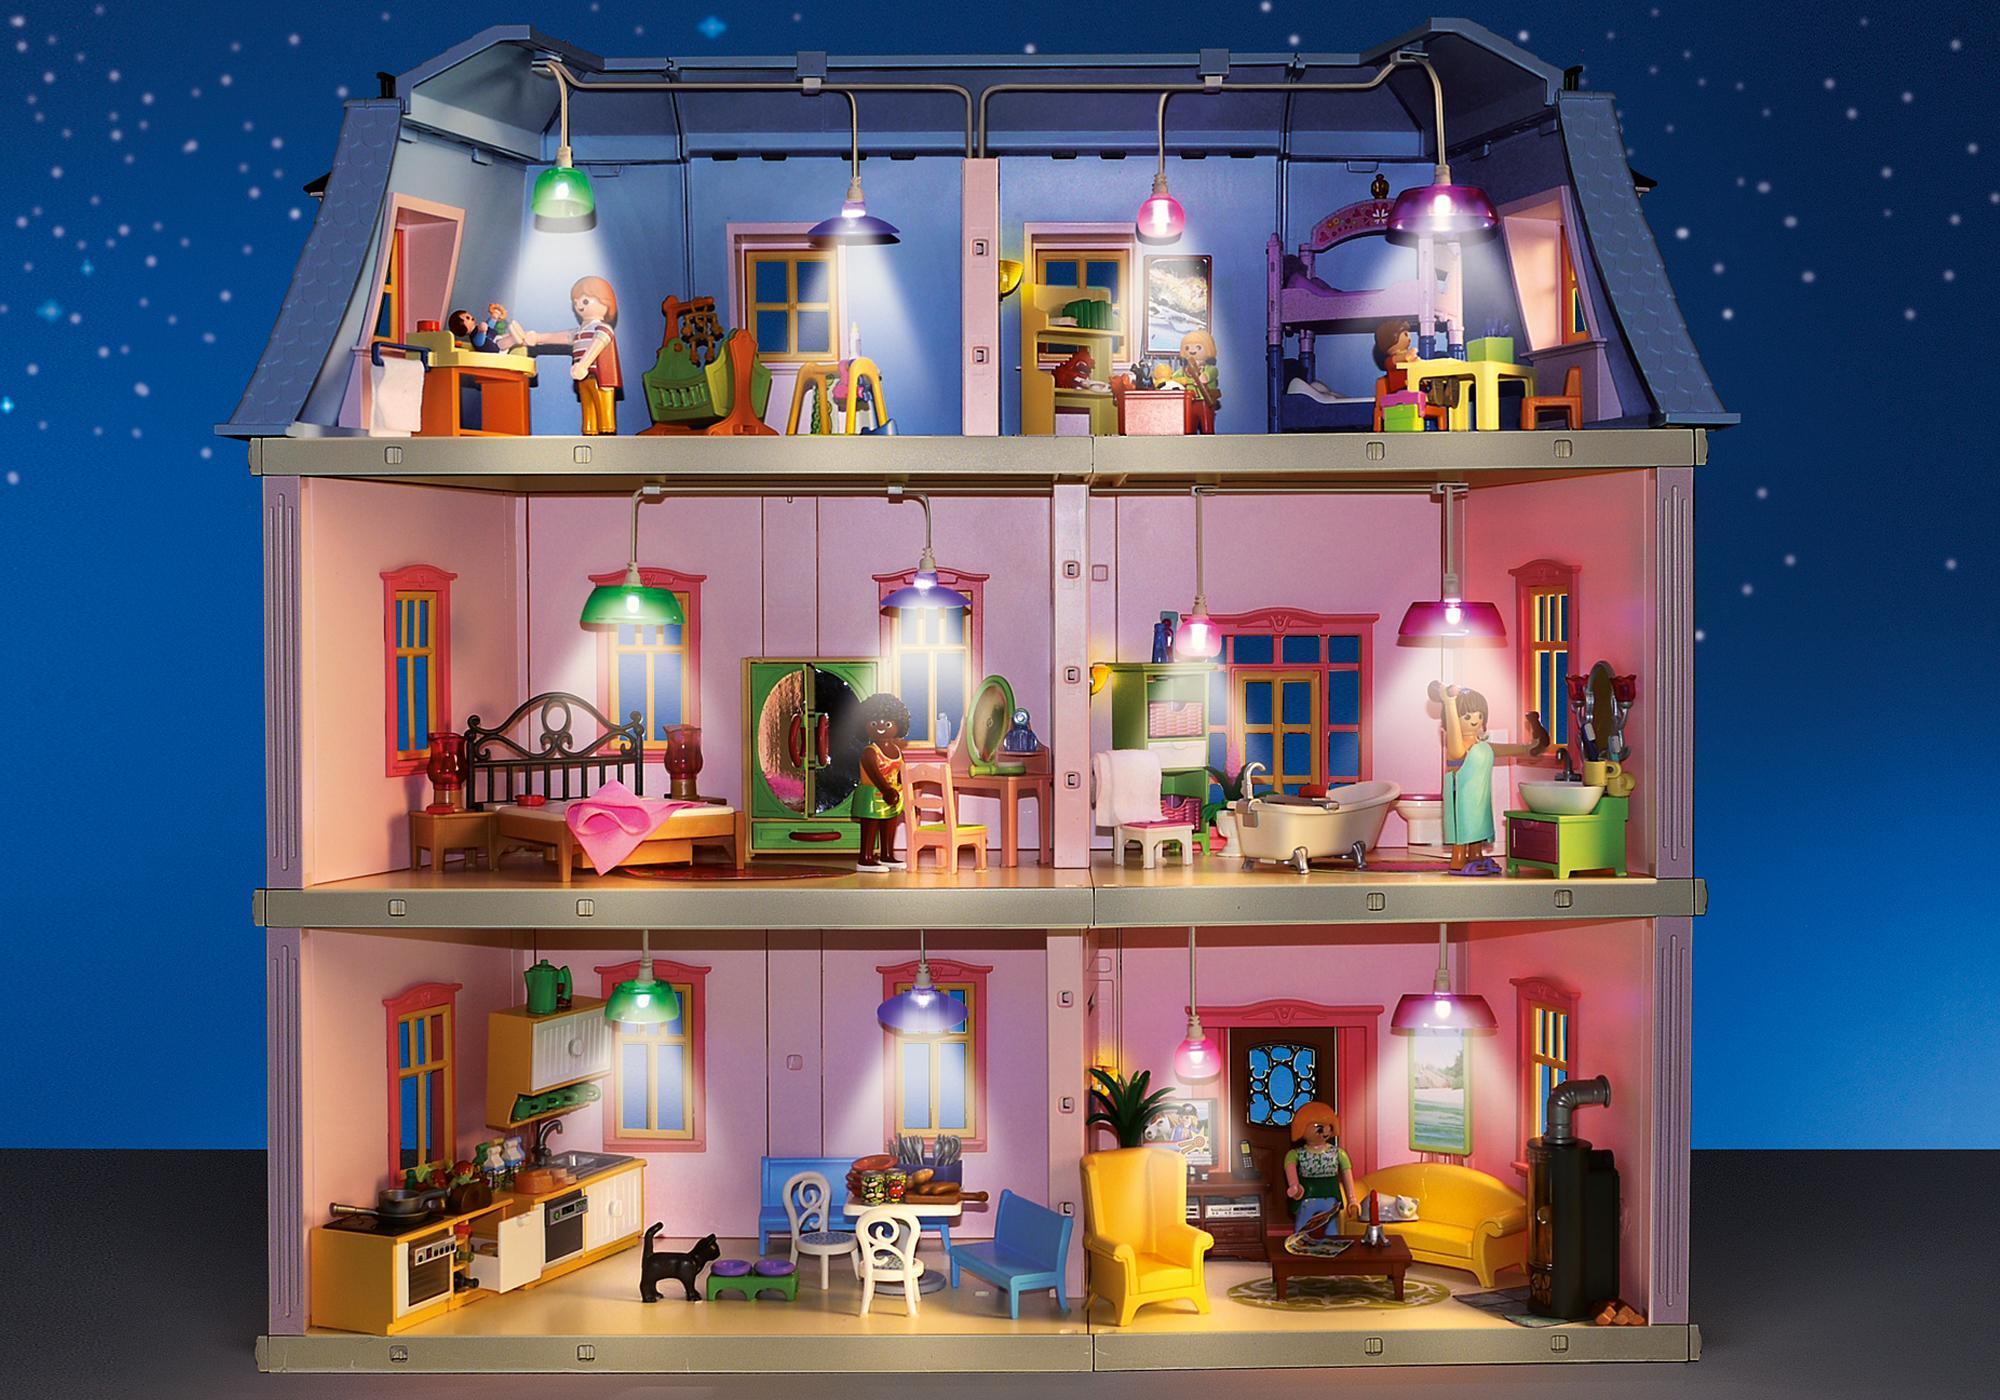 http://media.playmobil.com/i/playmobil/6456_product_extra1/Set de Iluminação para Casa de Bonecas Romântica (ref. 5303)